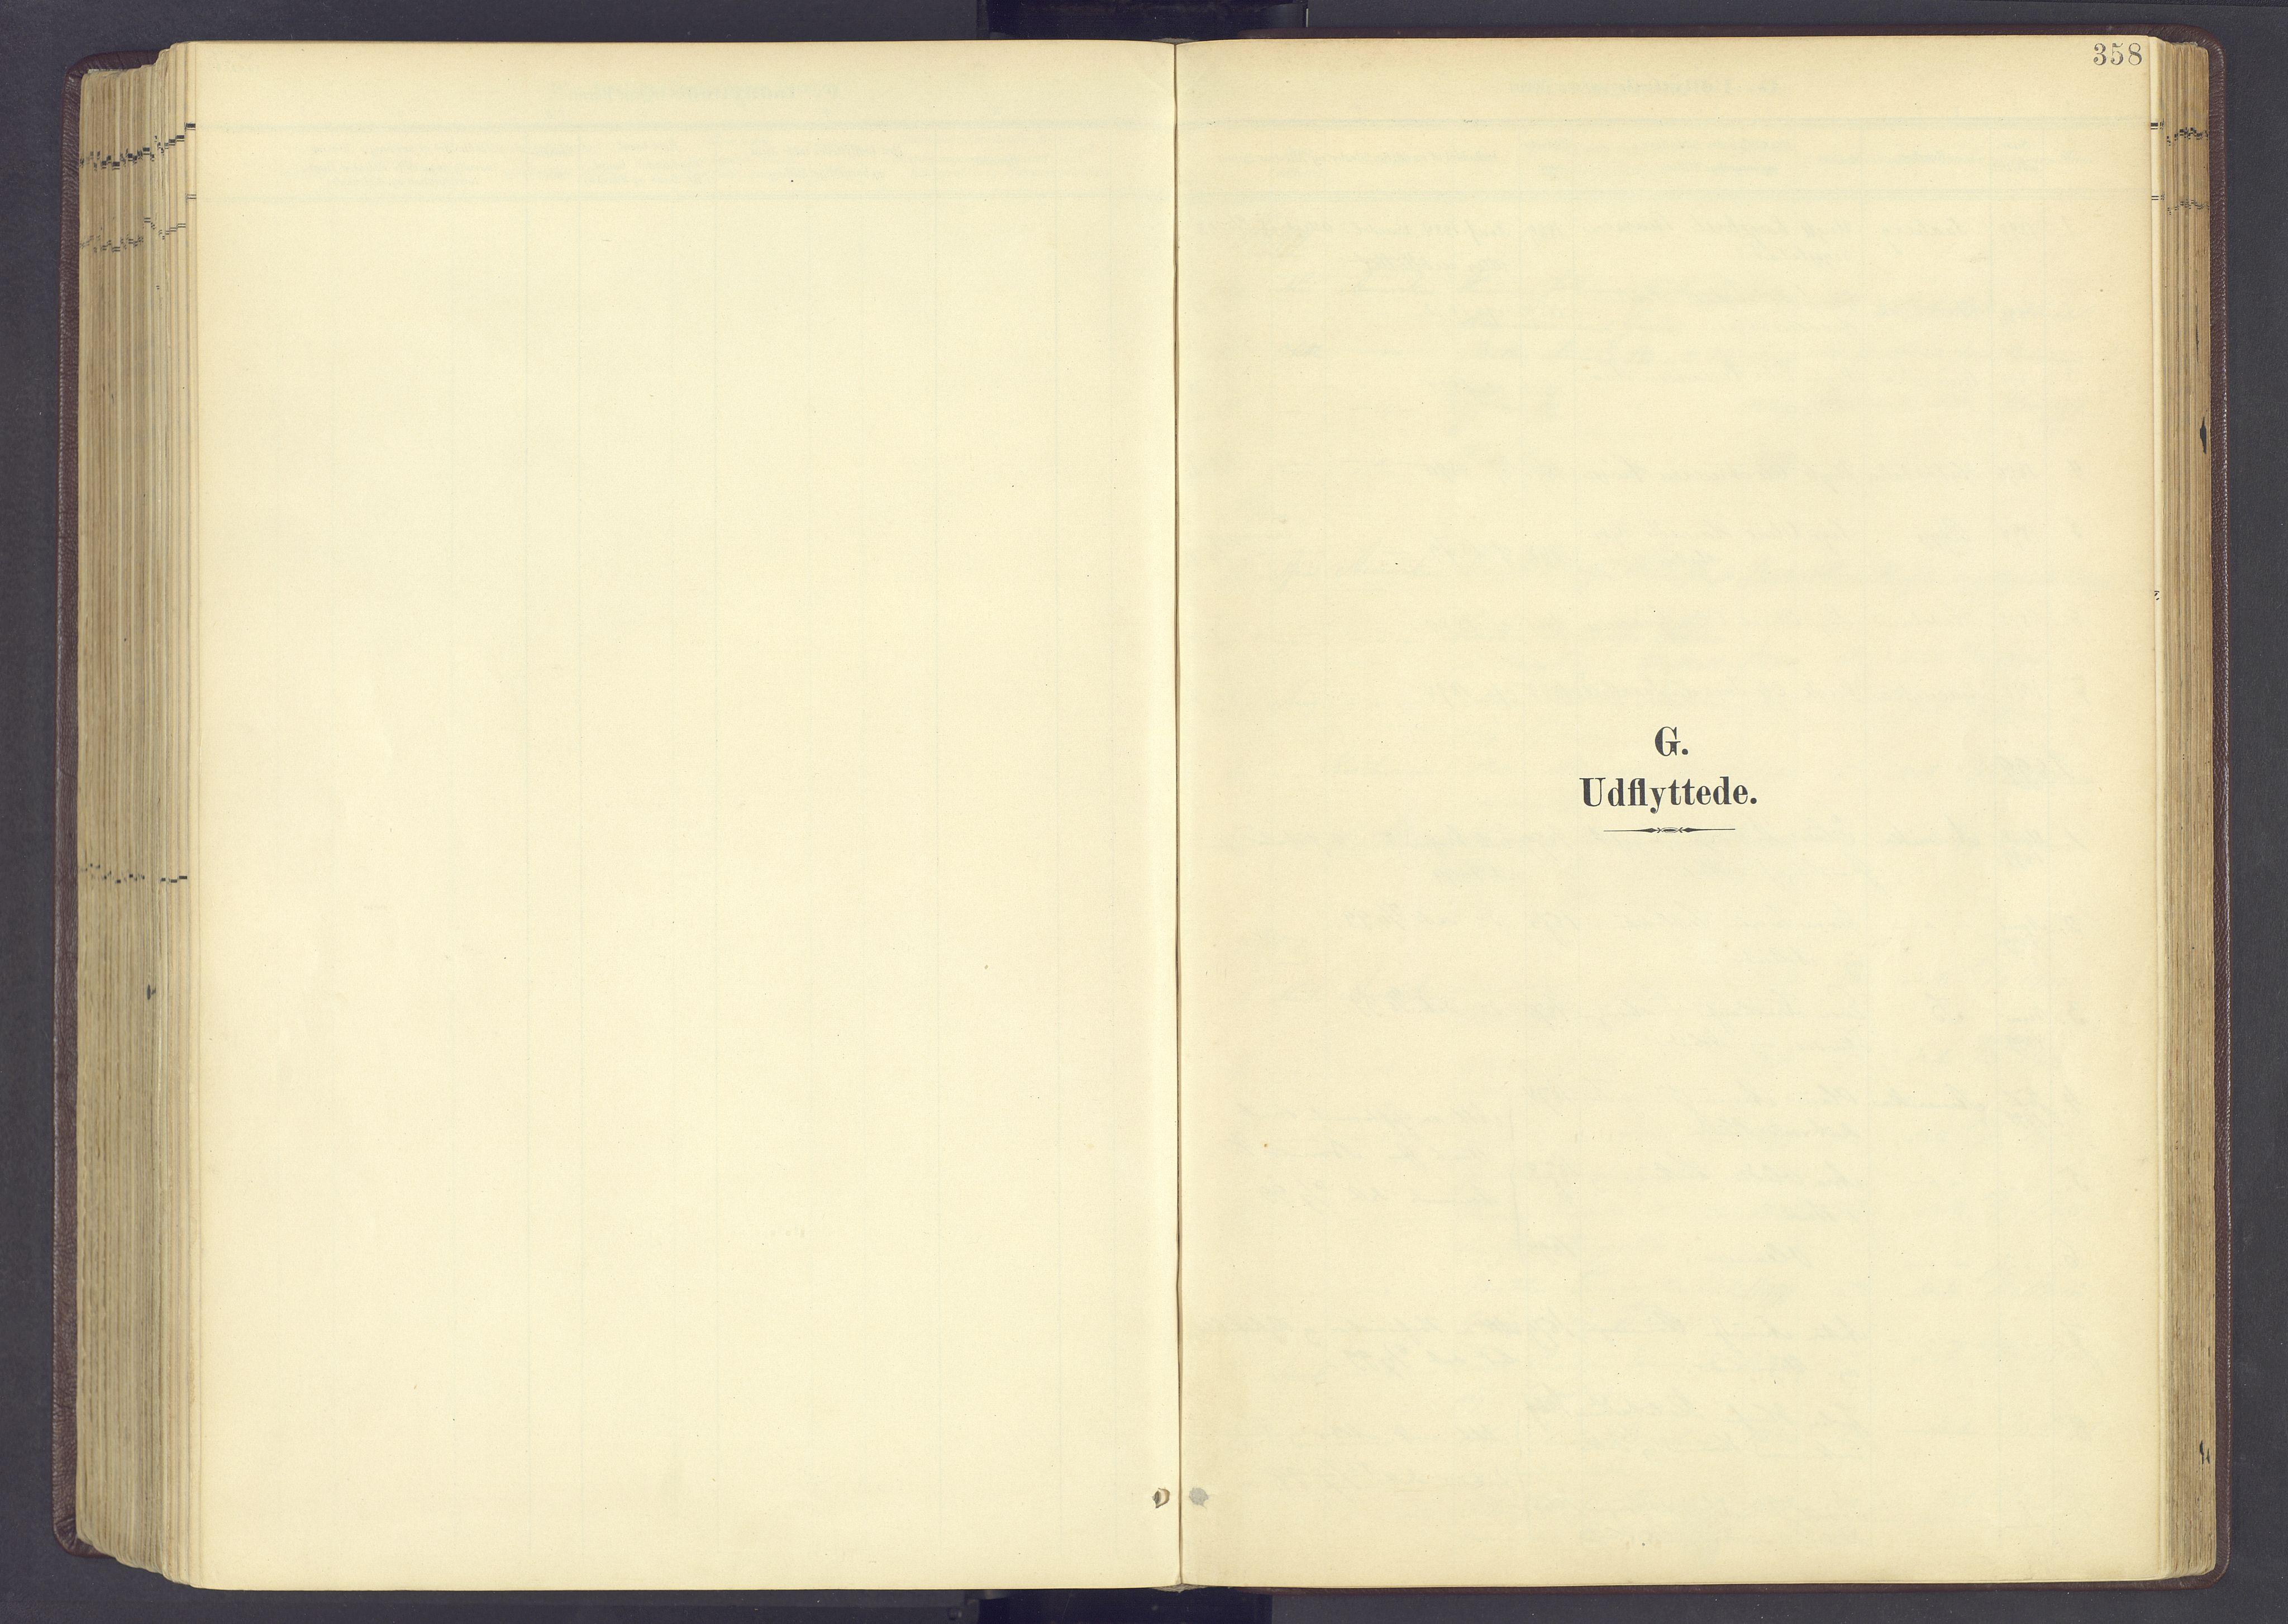 SAH, Sør-Fron prestekontor, H/Ha/Haa/L0004: Ministerialbok nr. 4, 1898-1919, s. 358